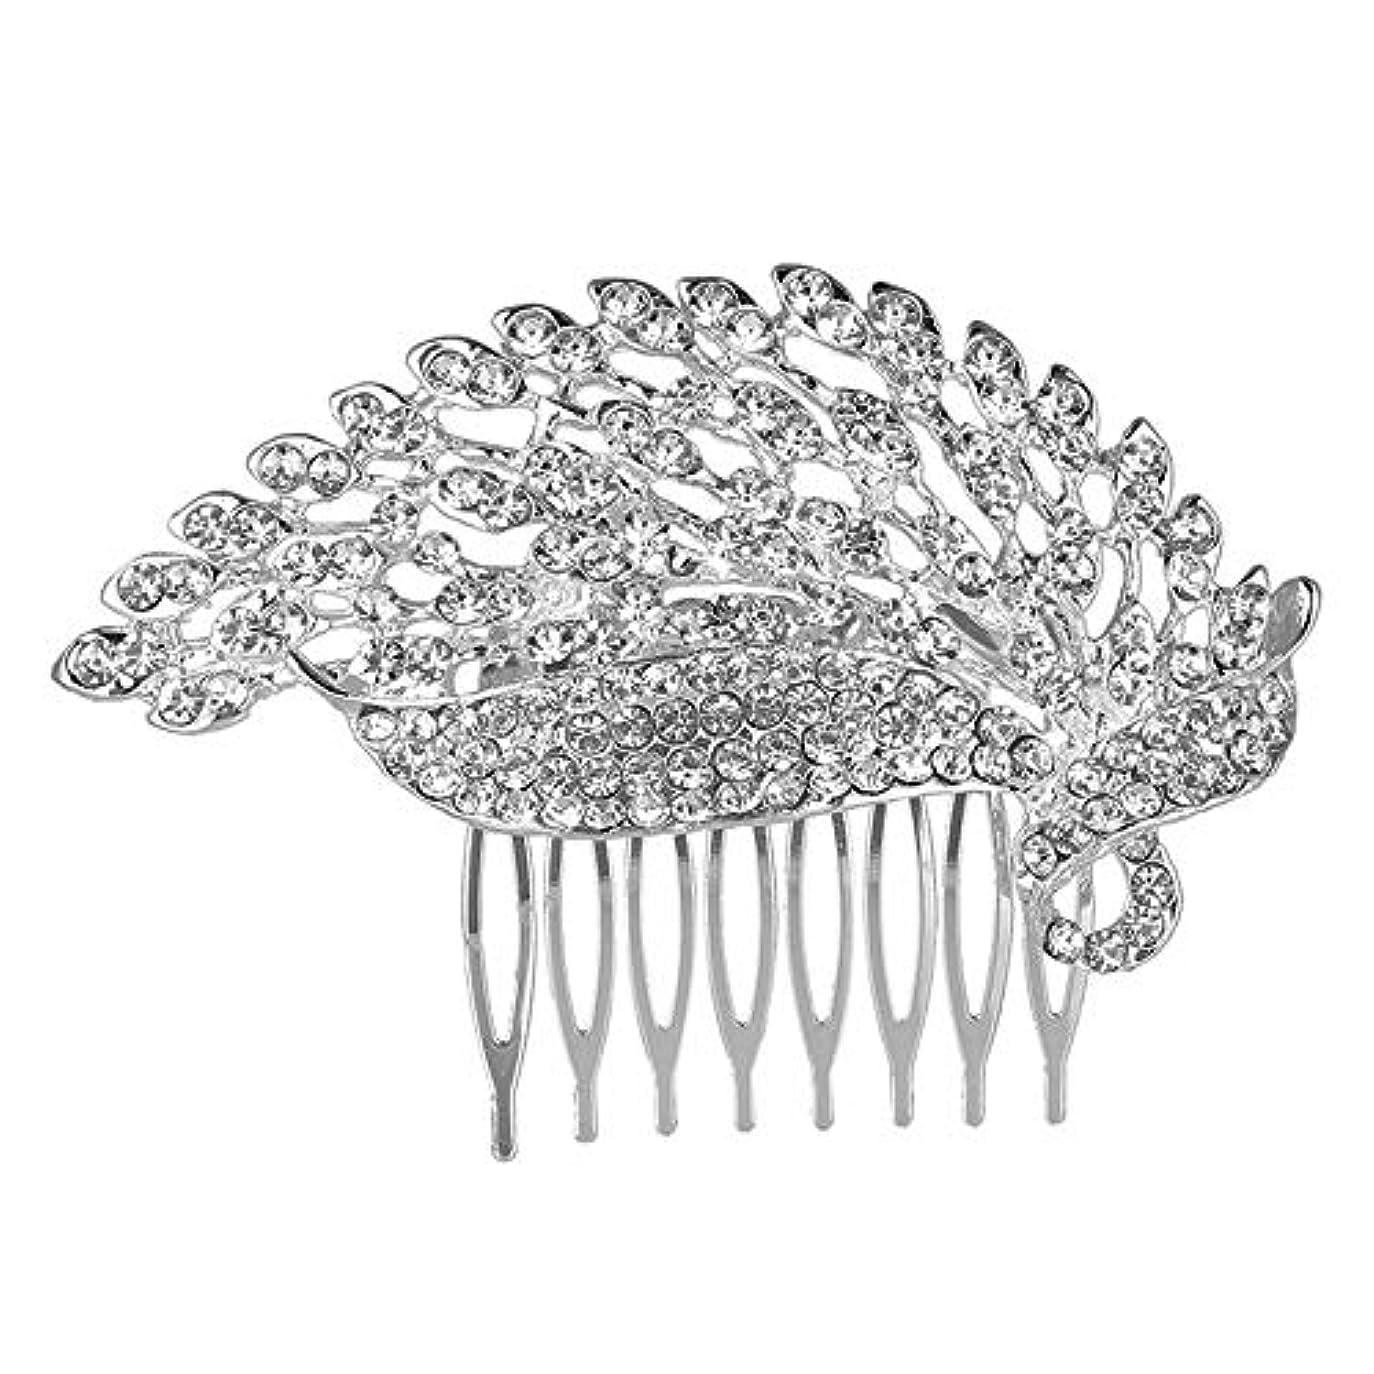 克服するヤギ布髪の櫛の櫛の櫛の花嫁の櫛の櫛の櫛の花嫁の頭飾りの結婚式のアクセサリー合金